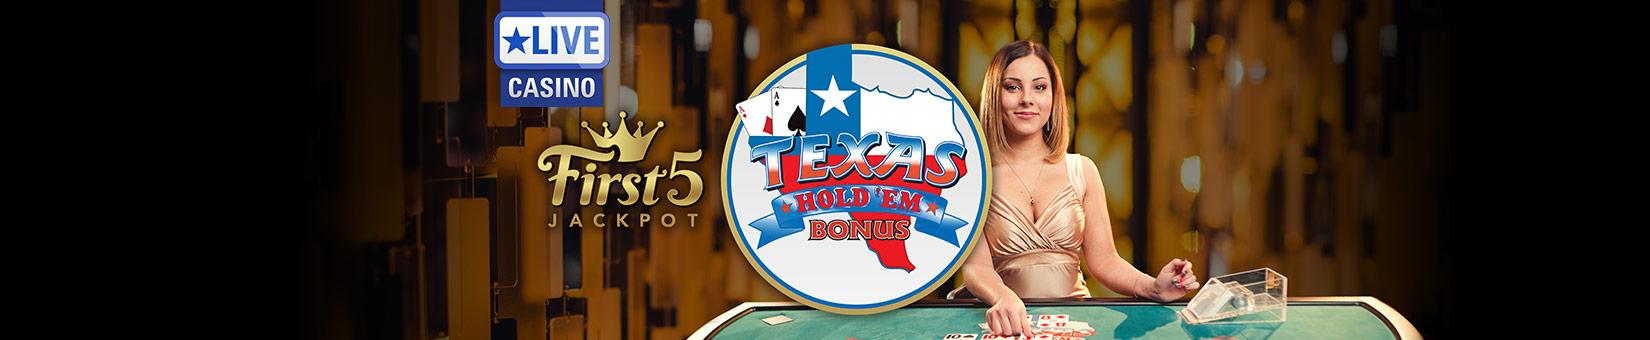 Unibet bonos casino en vivo pokerstars school-877013